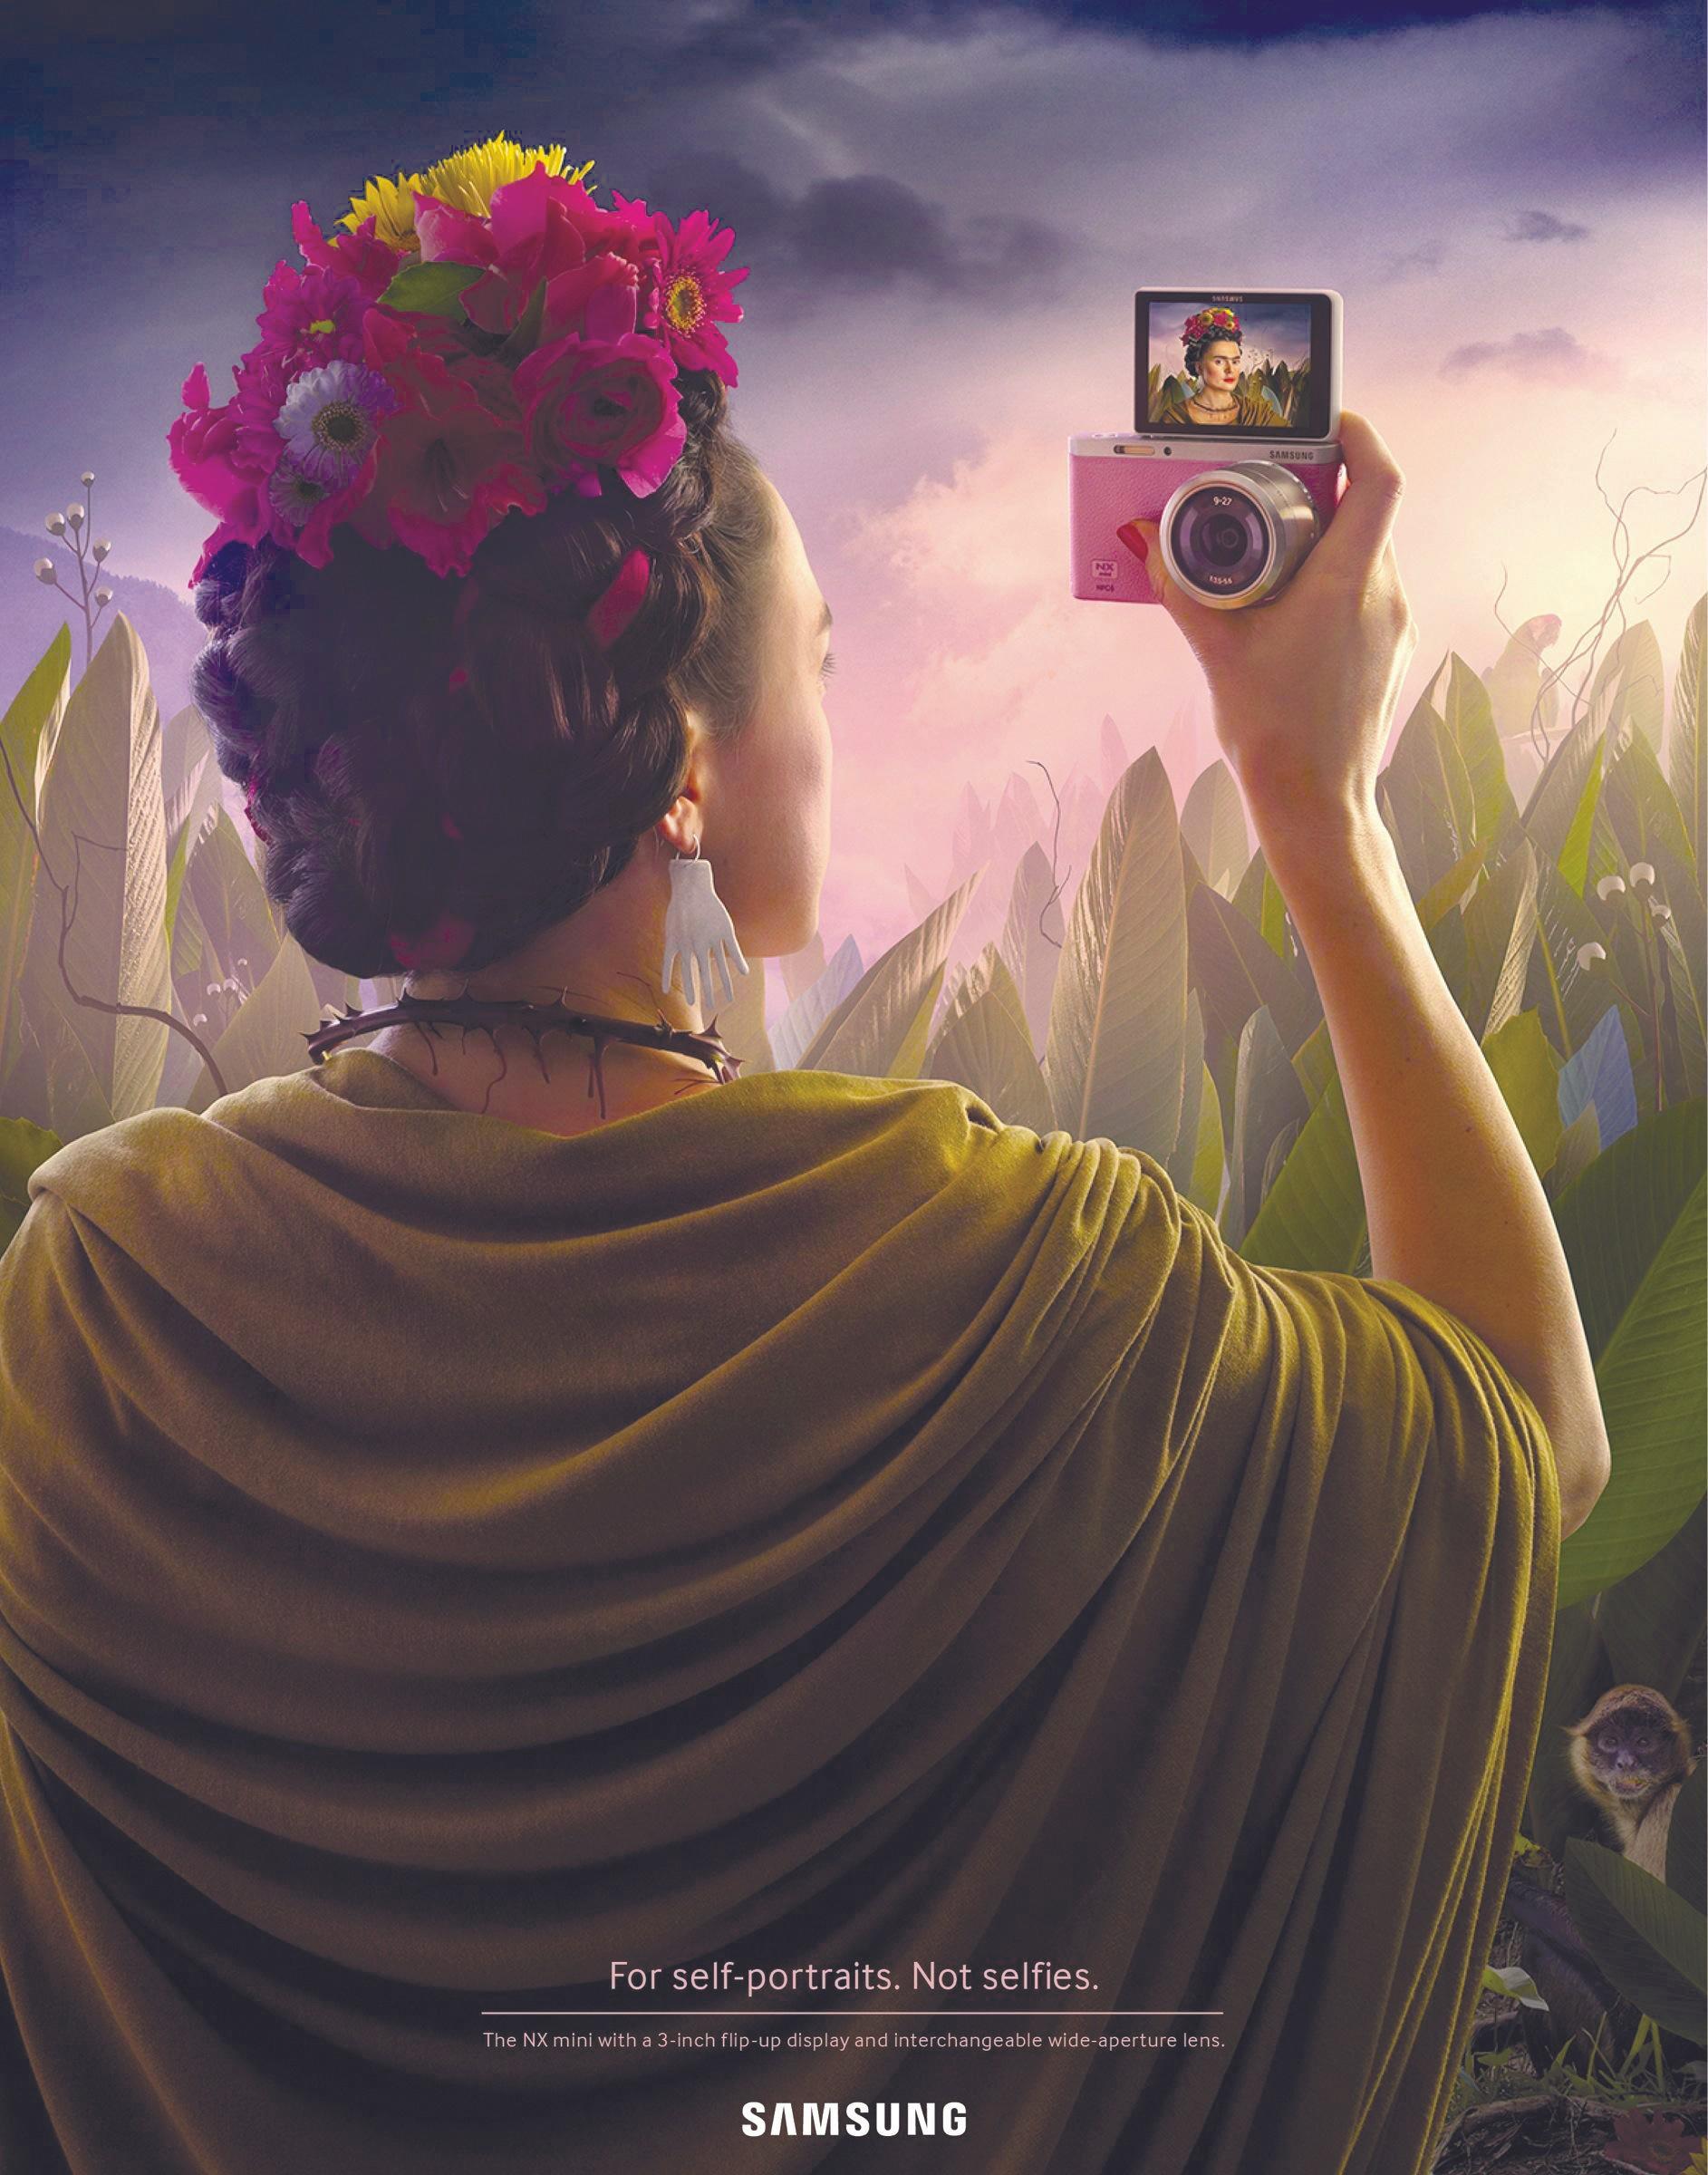 Para los autorretratos. No selfies. Samsung recrea el autorretrato de Frida Kahlo en forma de selfie, 2014.